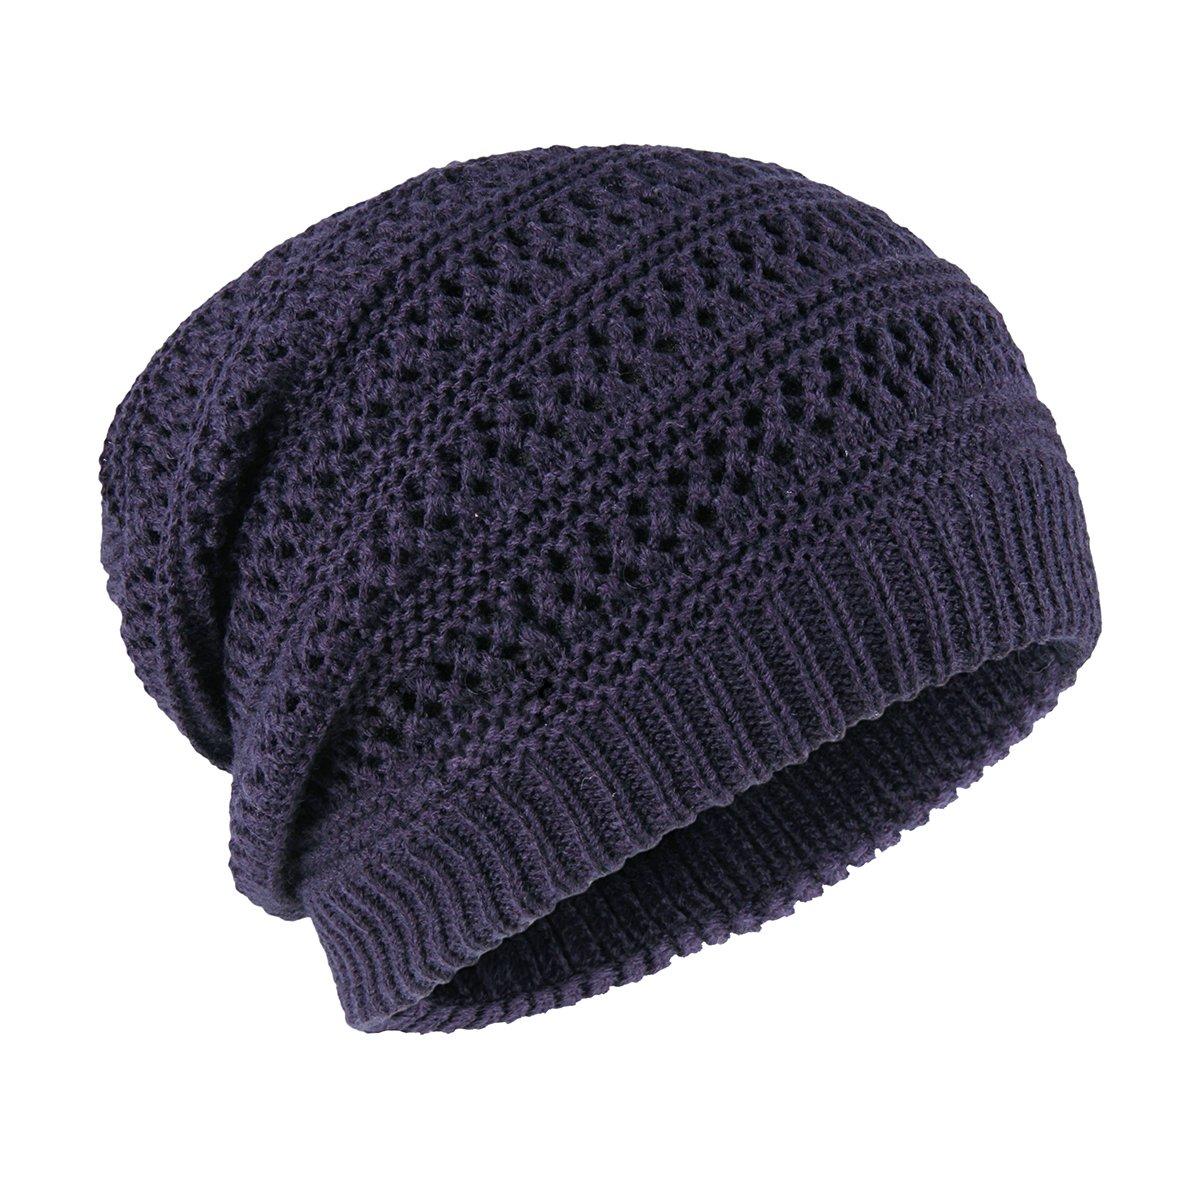 90324fea0085f0 ... OMECHY Unisex Slouchy Beanie Hats Winter Warm Knit Skull Fleece Ski Cap  4 Color Black ...